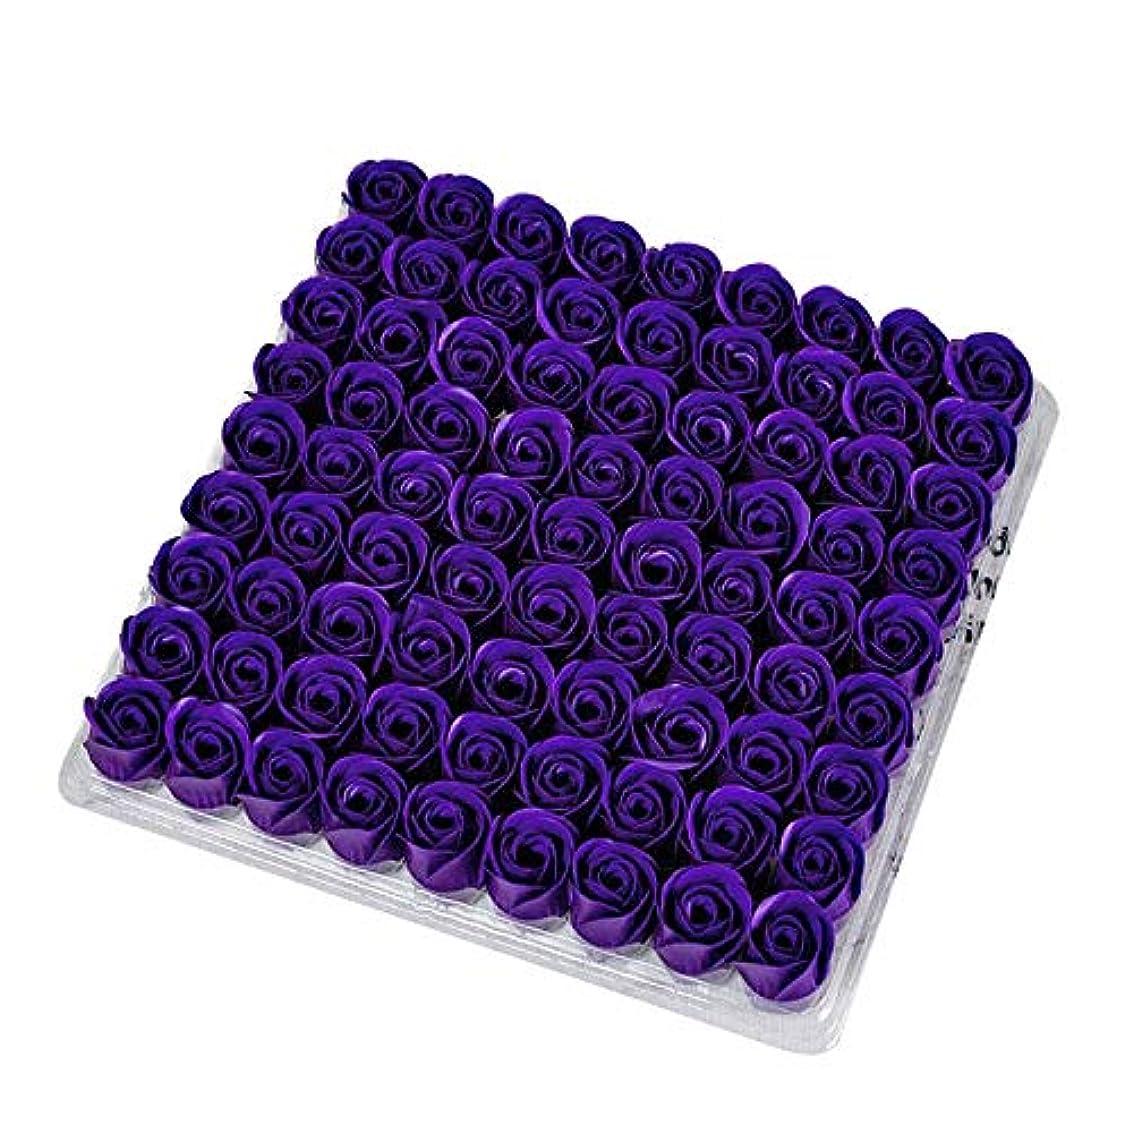 袋相手キリマンジャロCUHAWUDBA 81個の薔薇 フローラルの石けん 香りのよいローズフラワー エッセンシャルオイル フローラルのお客様への石鹸 ウェディング、パーティー、バレンタインデーの贈り物、紫色